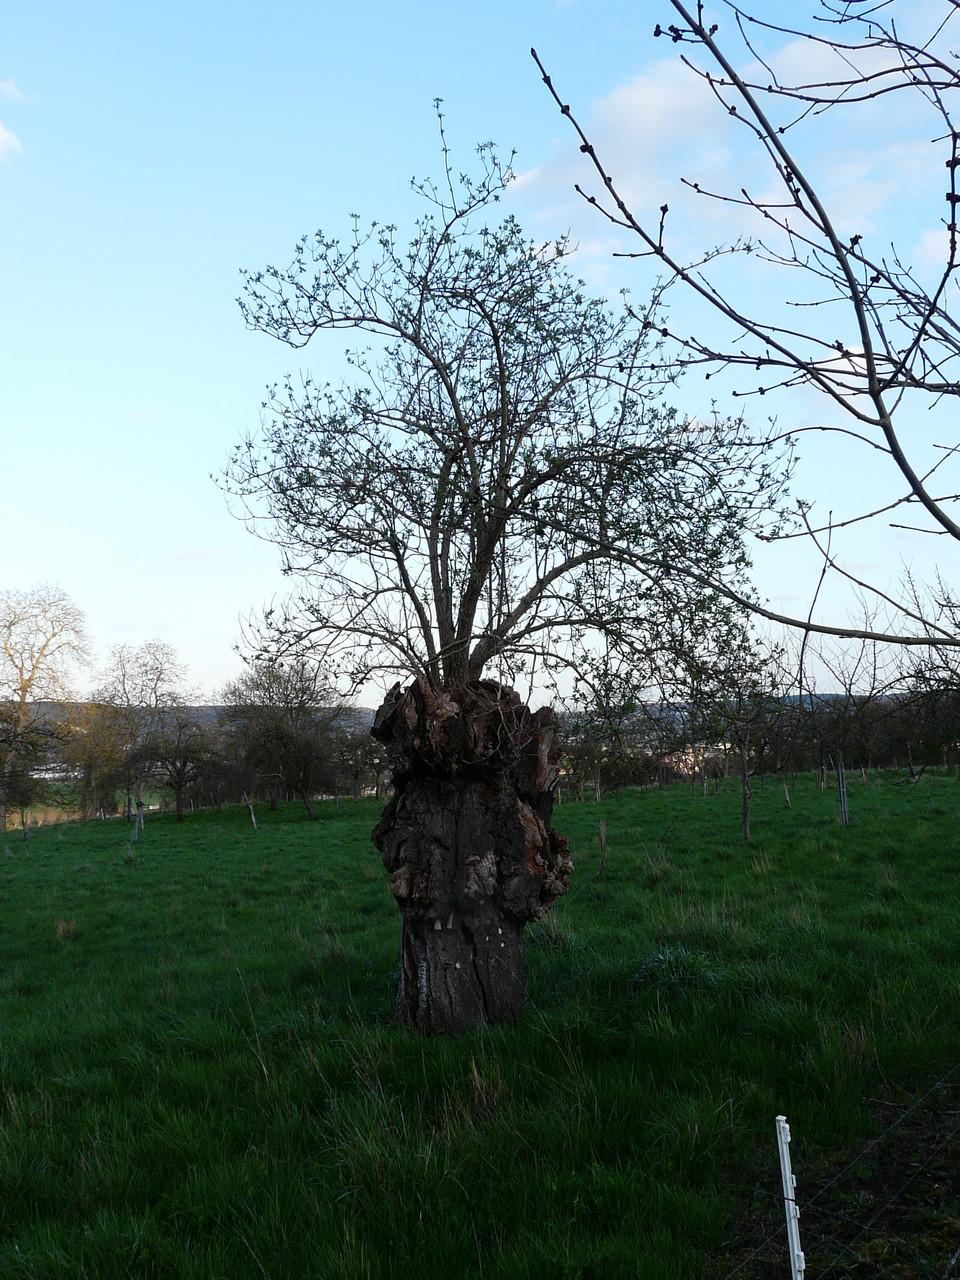 Un sureau a poussé dans un arbre malade, Saint-just L'Eure  SUREAU (= sur l'eau)